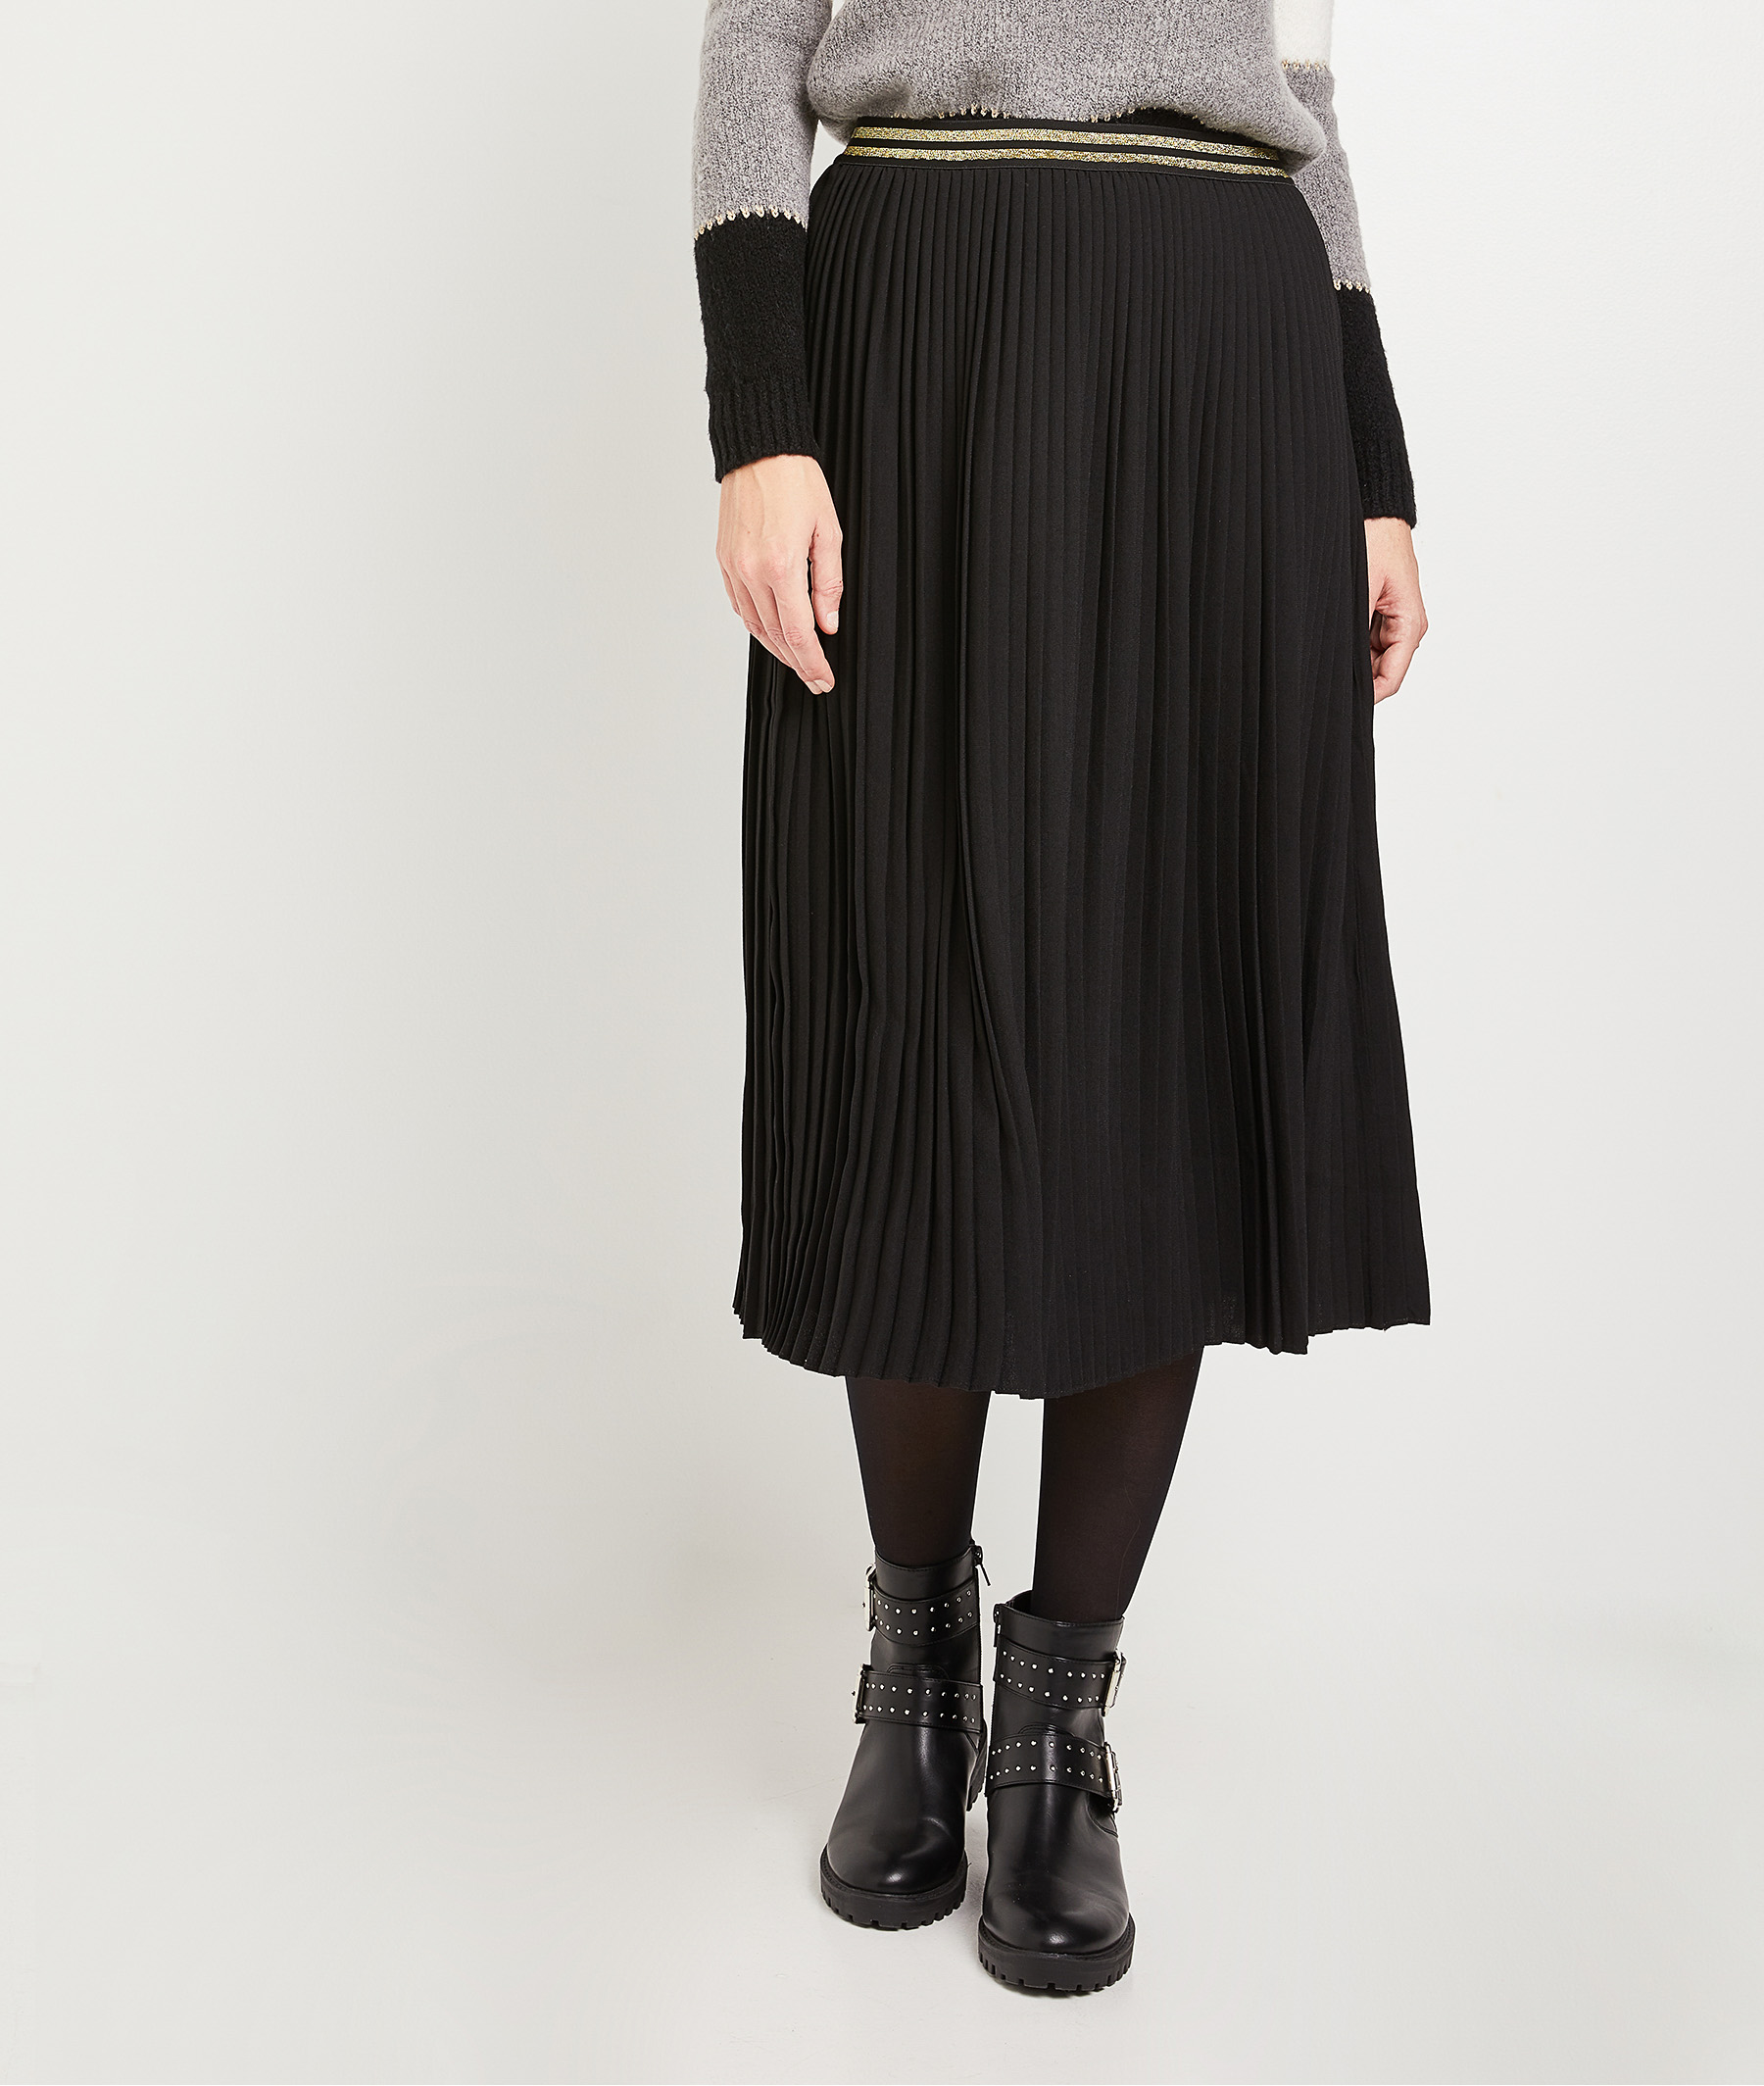 Jupe Plissee Noire Femme Noir Grain De Malice